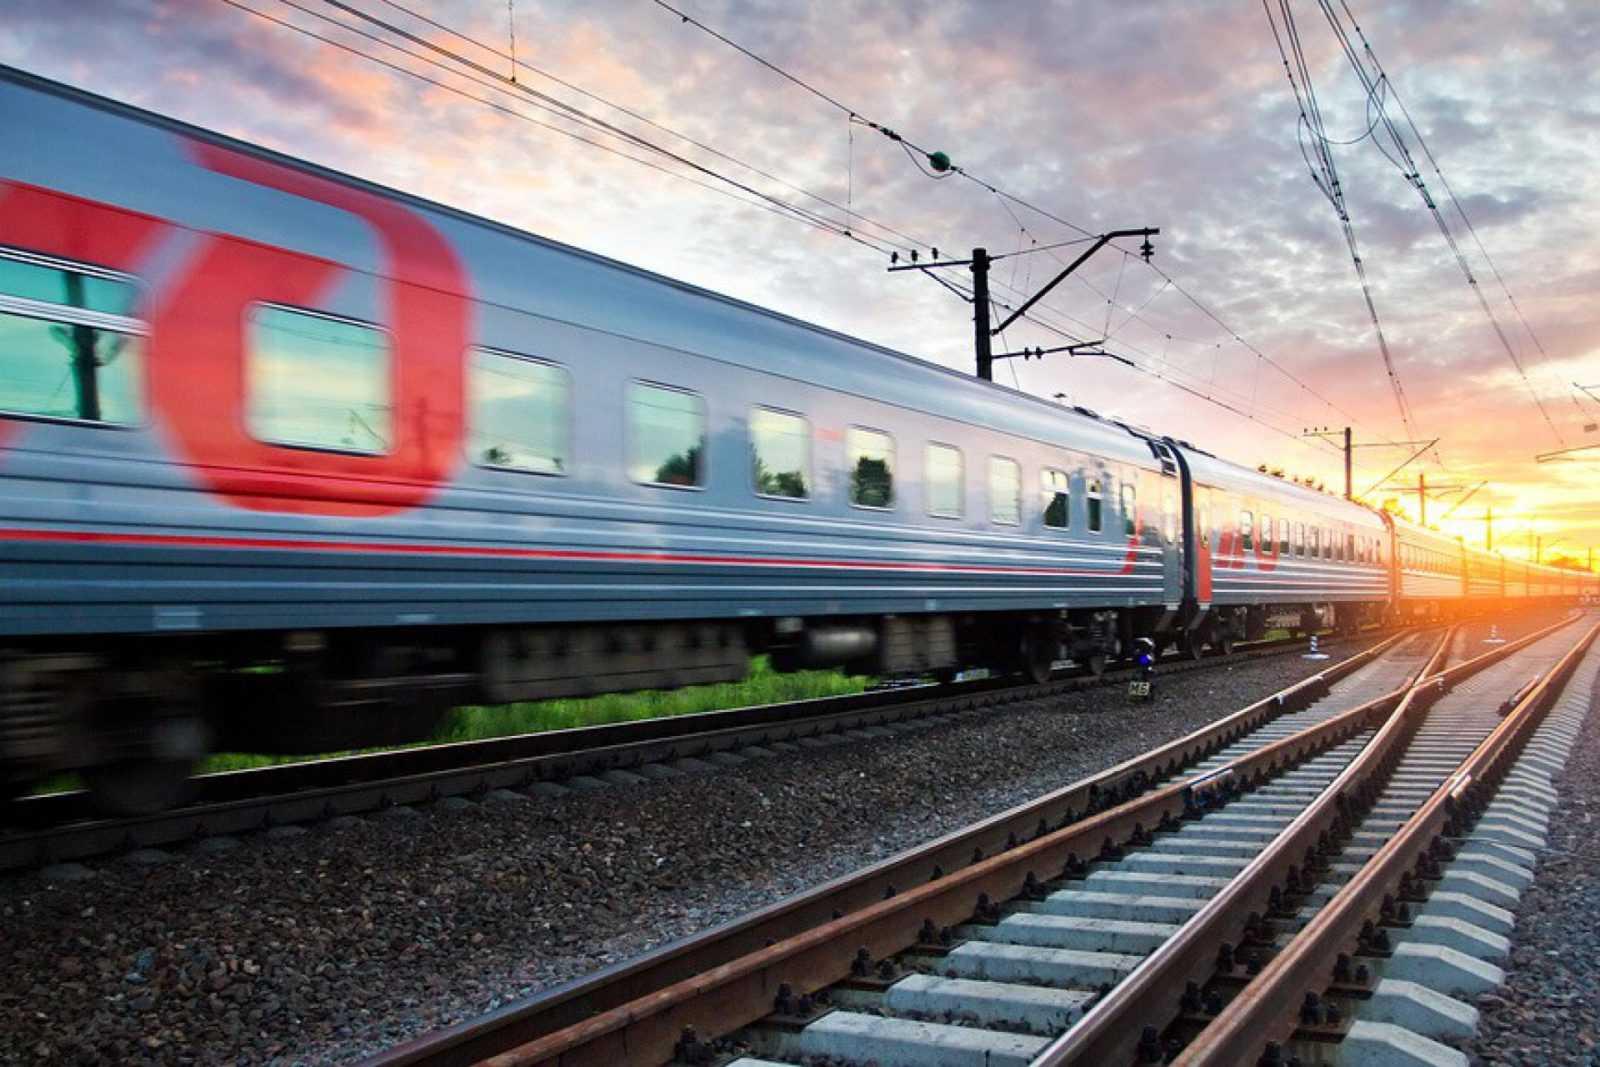 Смотреть фотогалереи локомотивы поезда можете